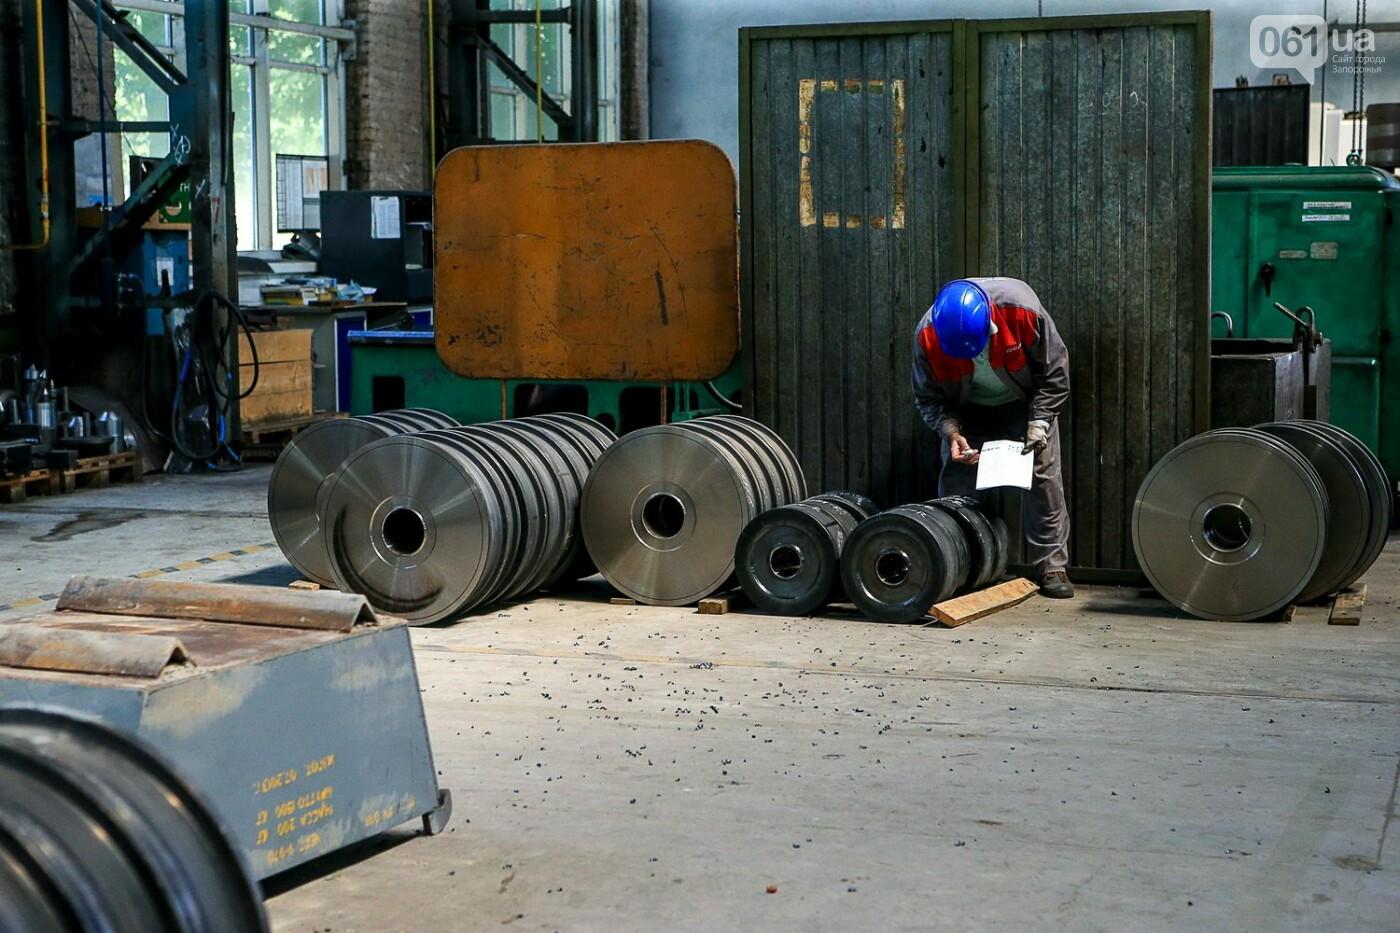 Как в Запорожье работает крупнейший в Европе завод по производству кранов: экскурсия на производство, — ФОТОРЕПОРТАЖ, фото-35